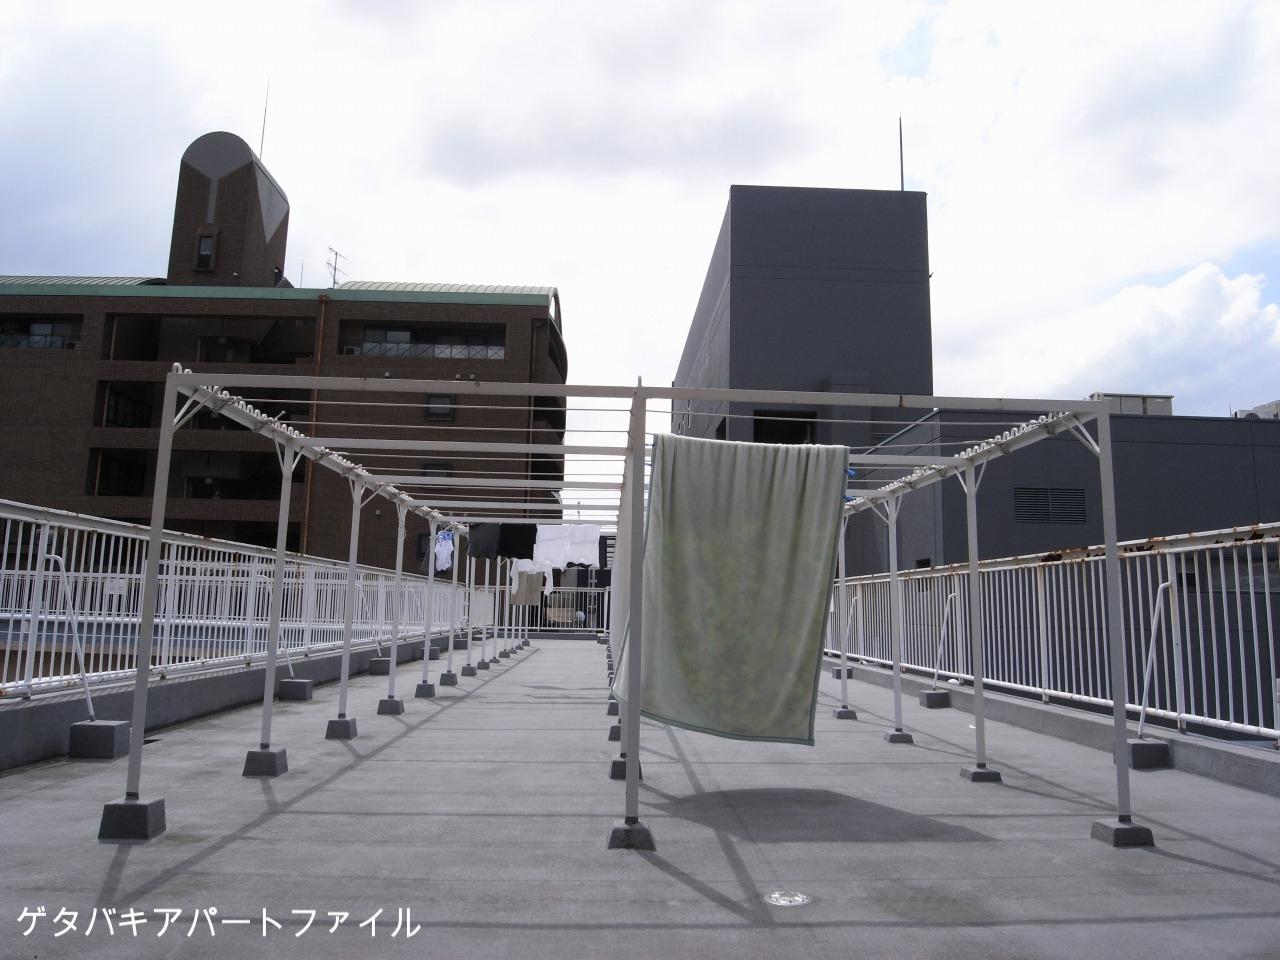 洗濯物を屋上に干せます。